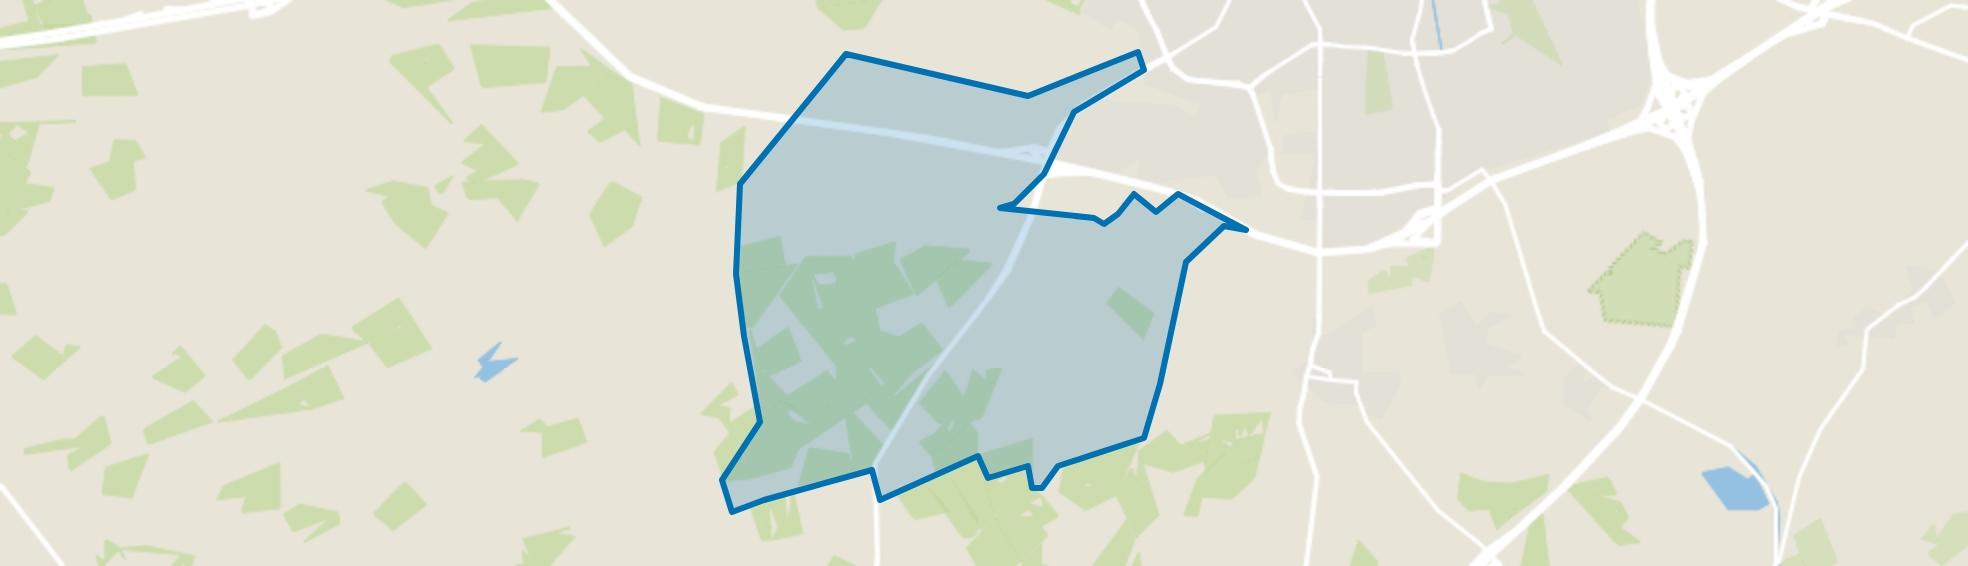 Bosgebied Ugchelen, Ugchelen map